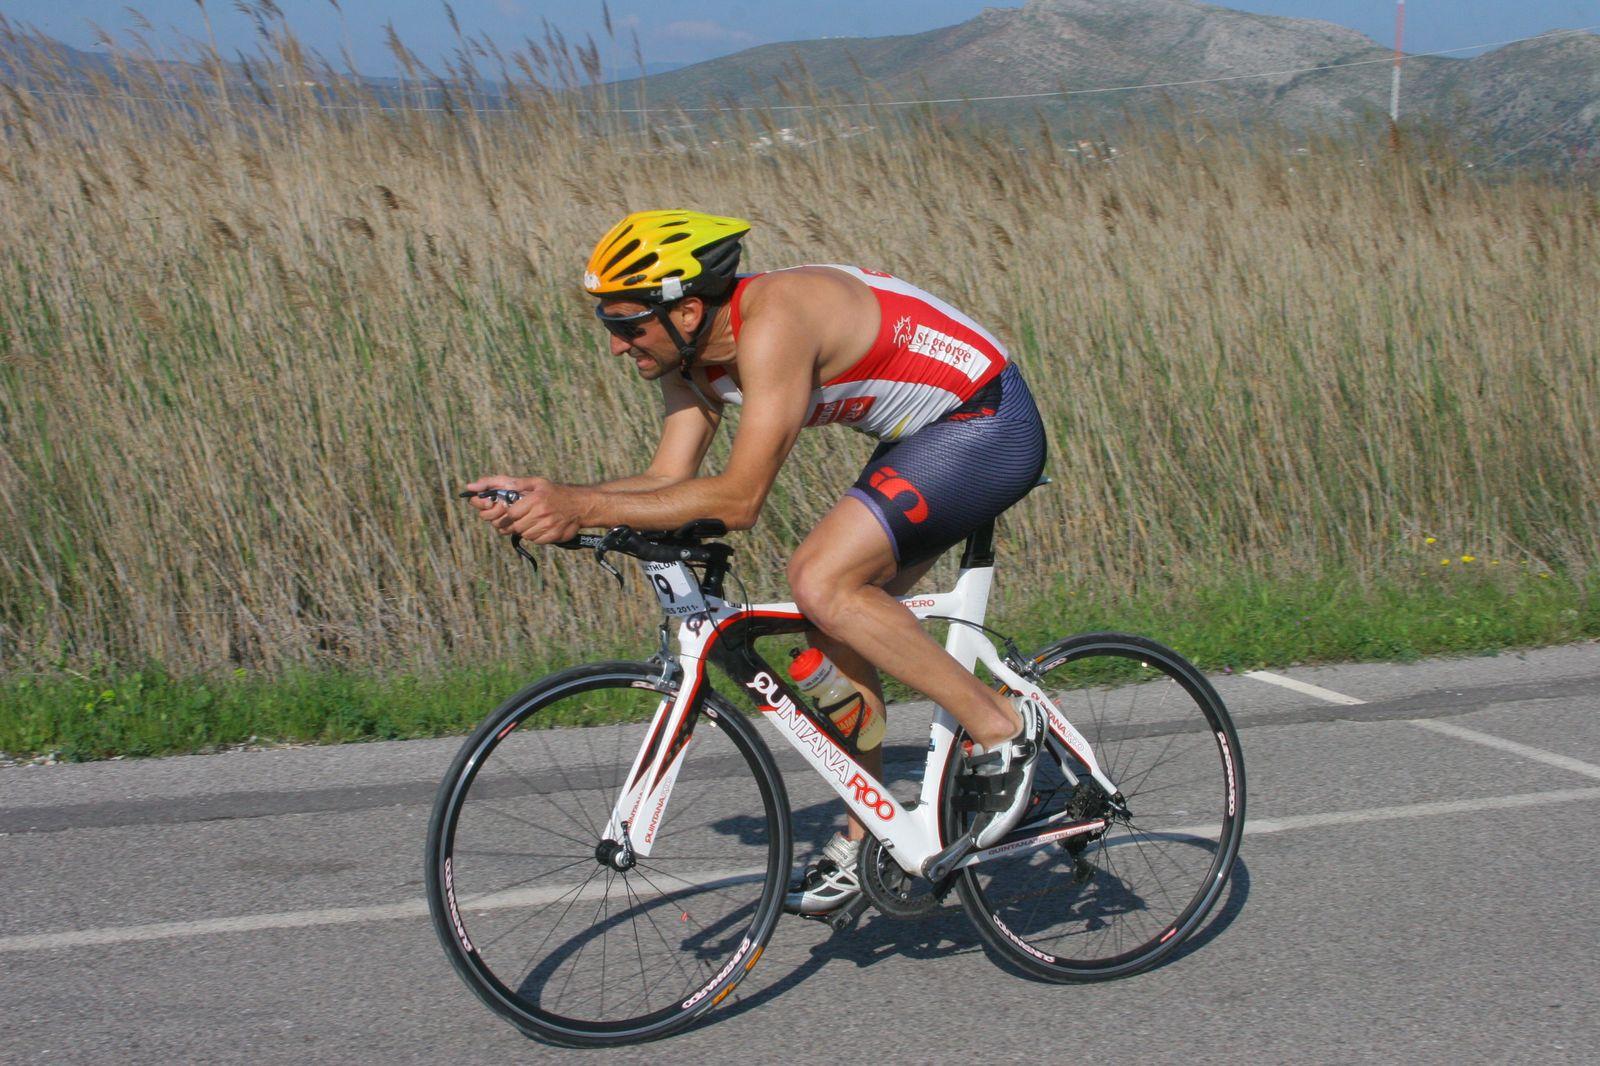 Προπόνηση & Εξοπλισμός Ποδηλασίας Τριάθλου : Βέλτιστο μήκος δισκοβραχίονα για non drafting αγώνες!